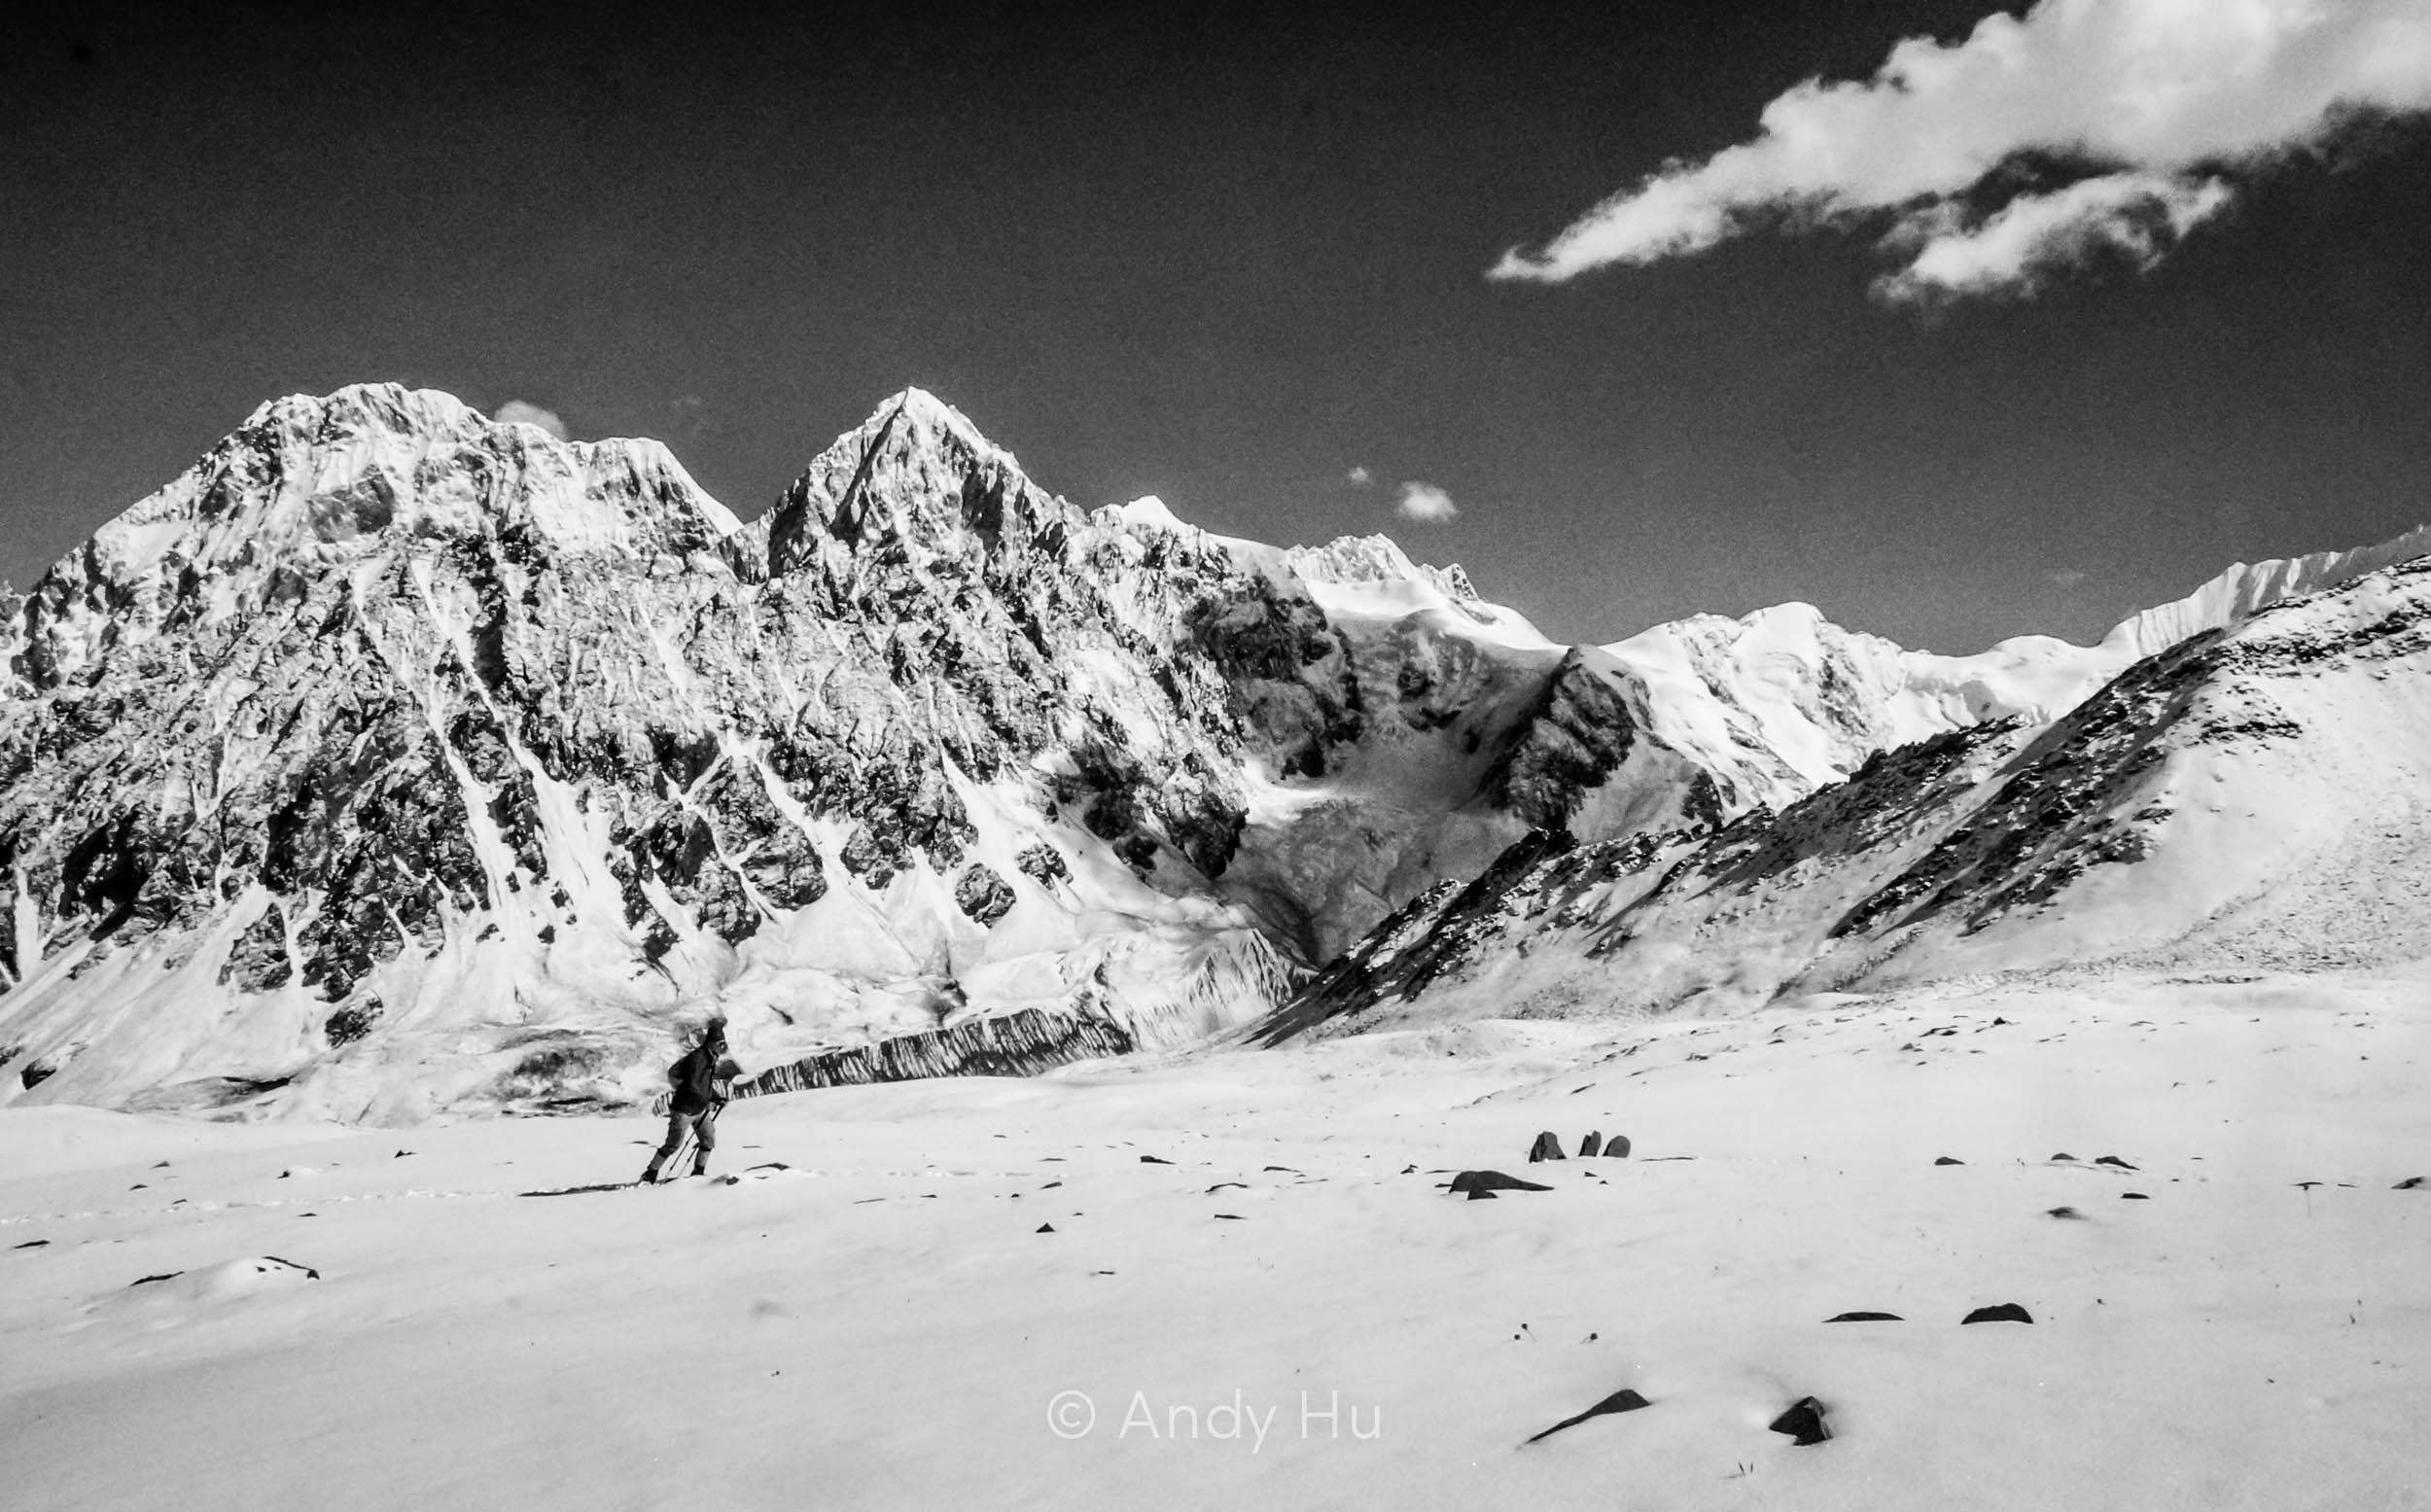 Riwoche pass, Mt. Gongga Trek